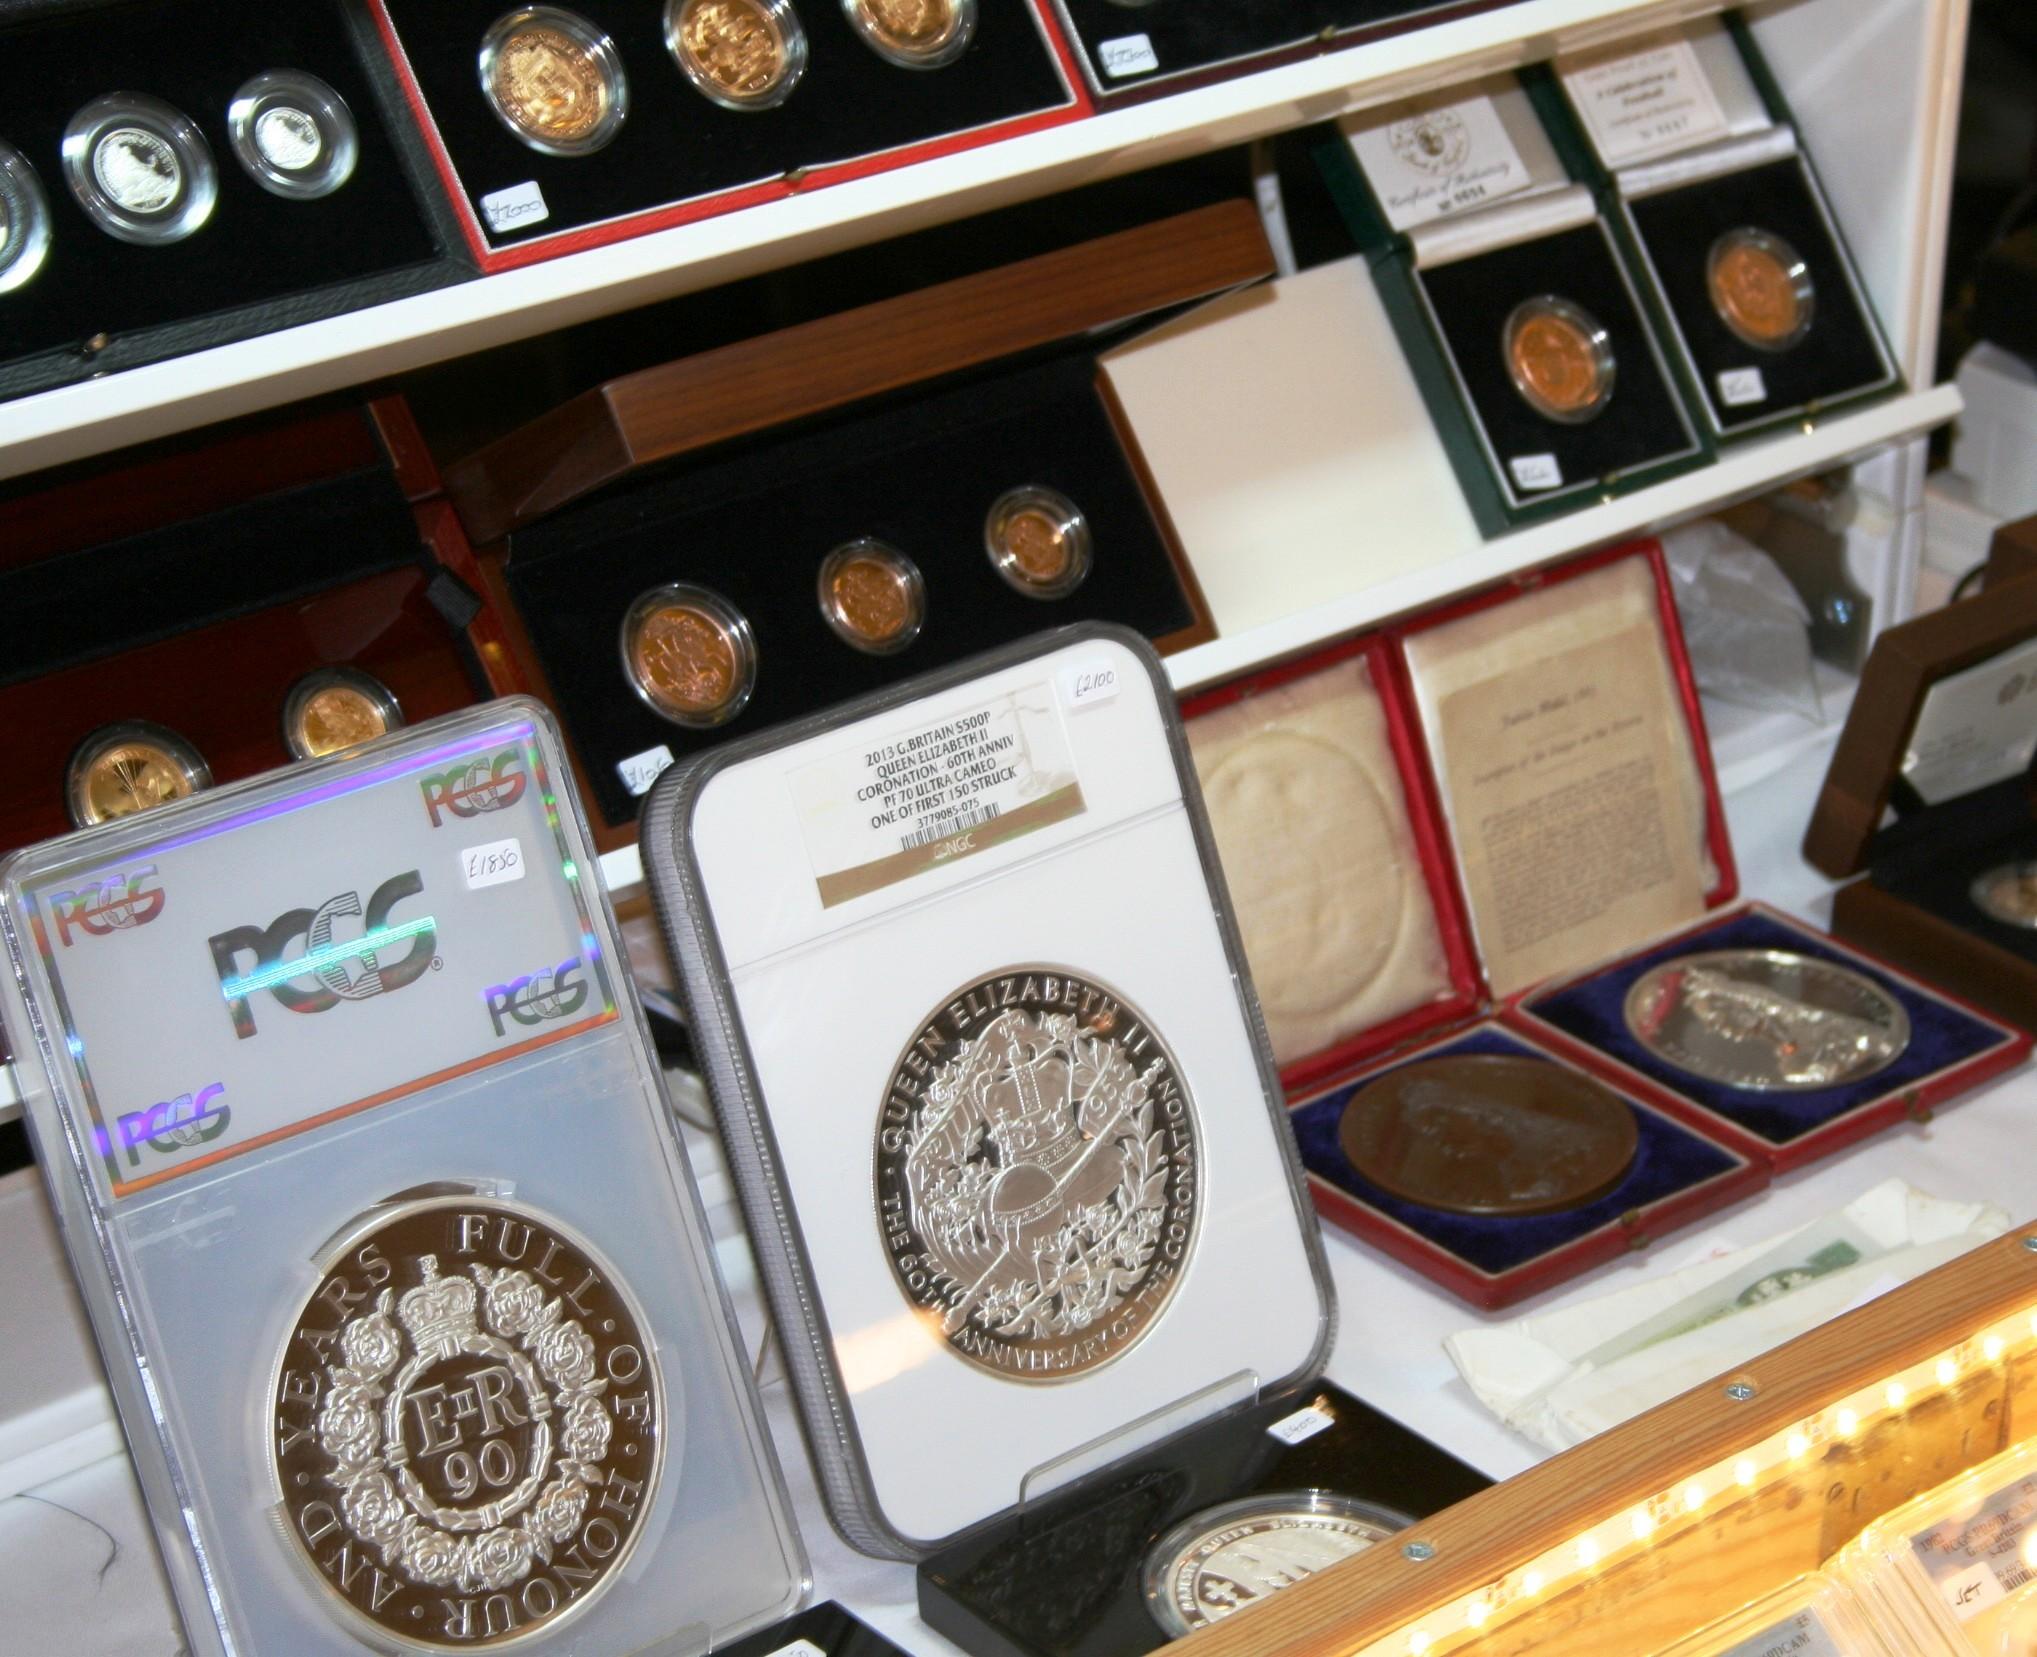 COINEX, London's premier coin event, has an impressive turnout